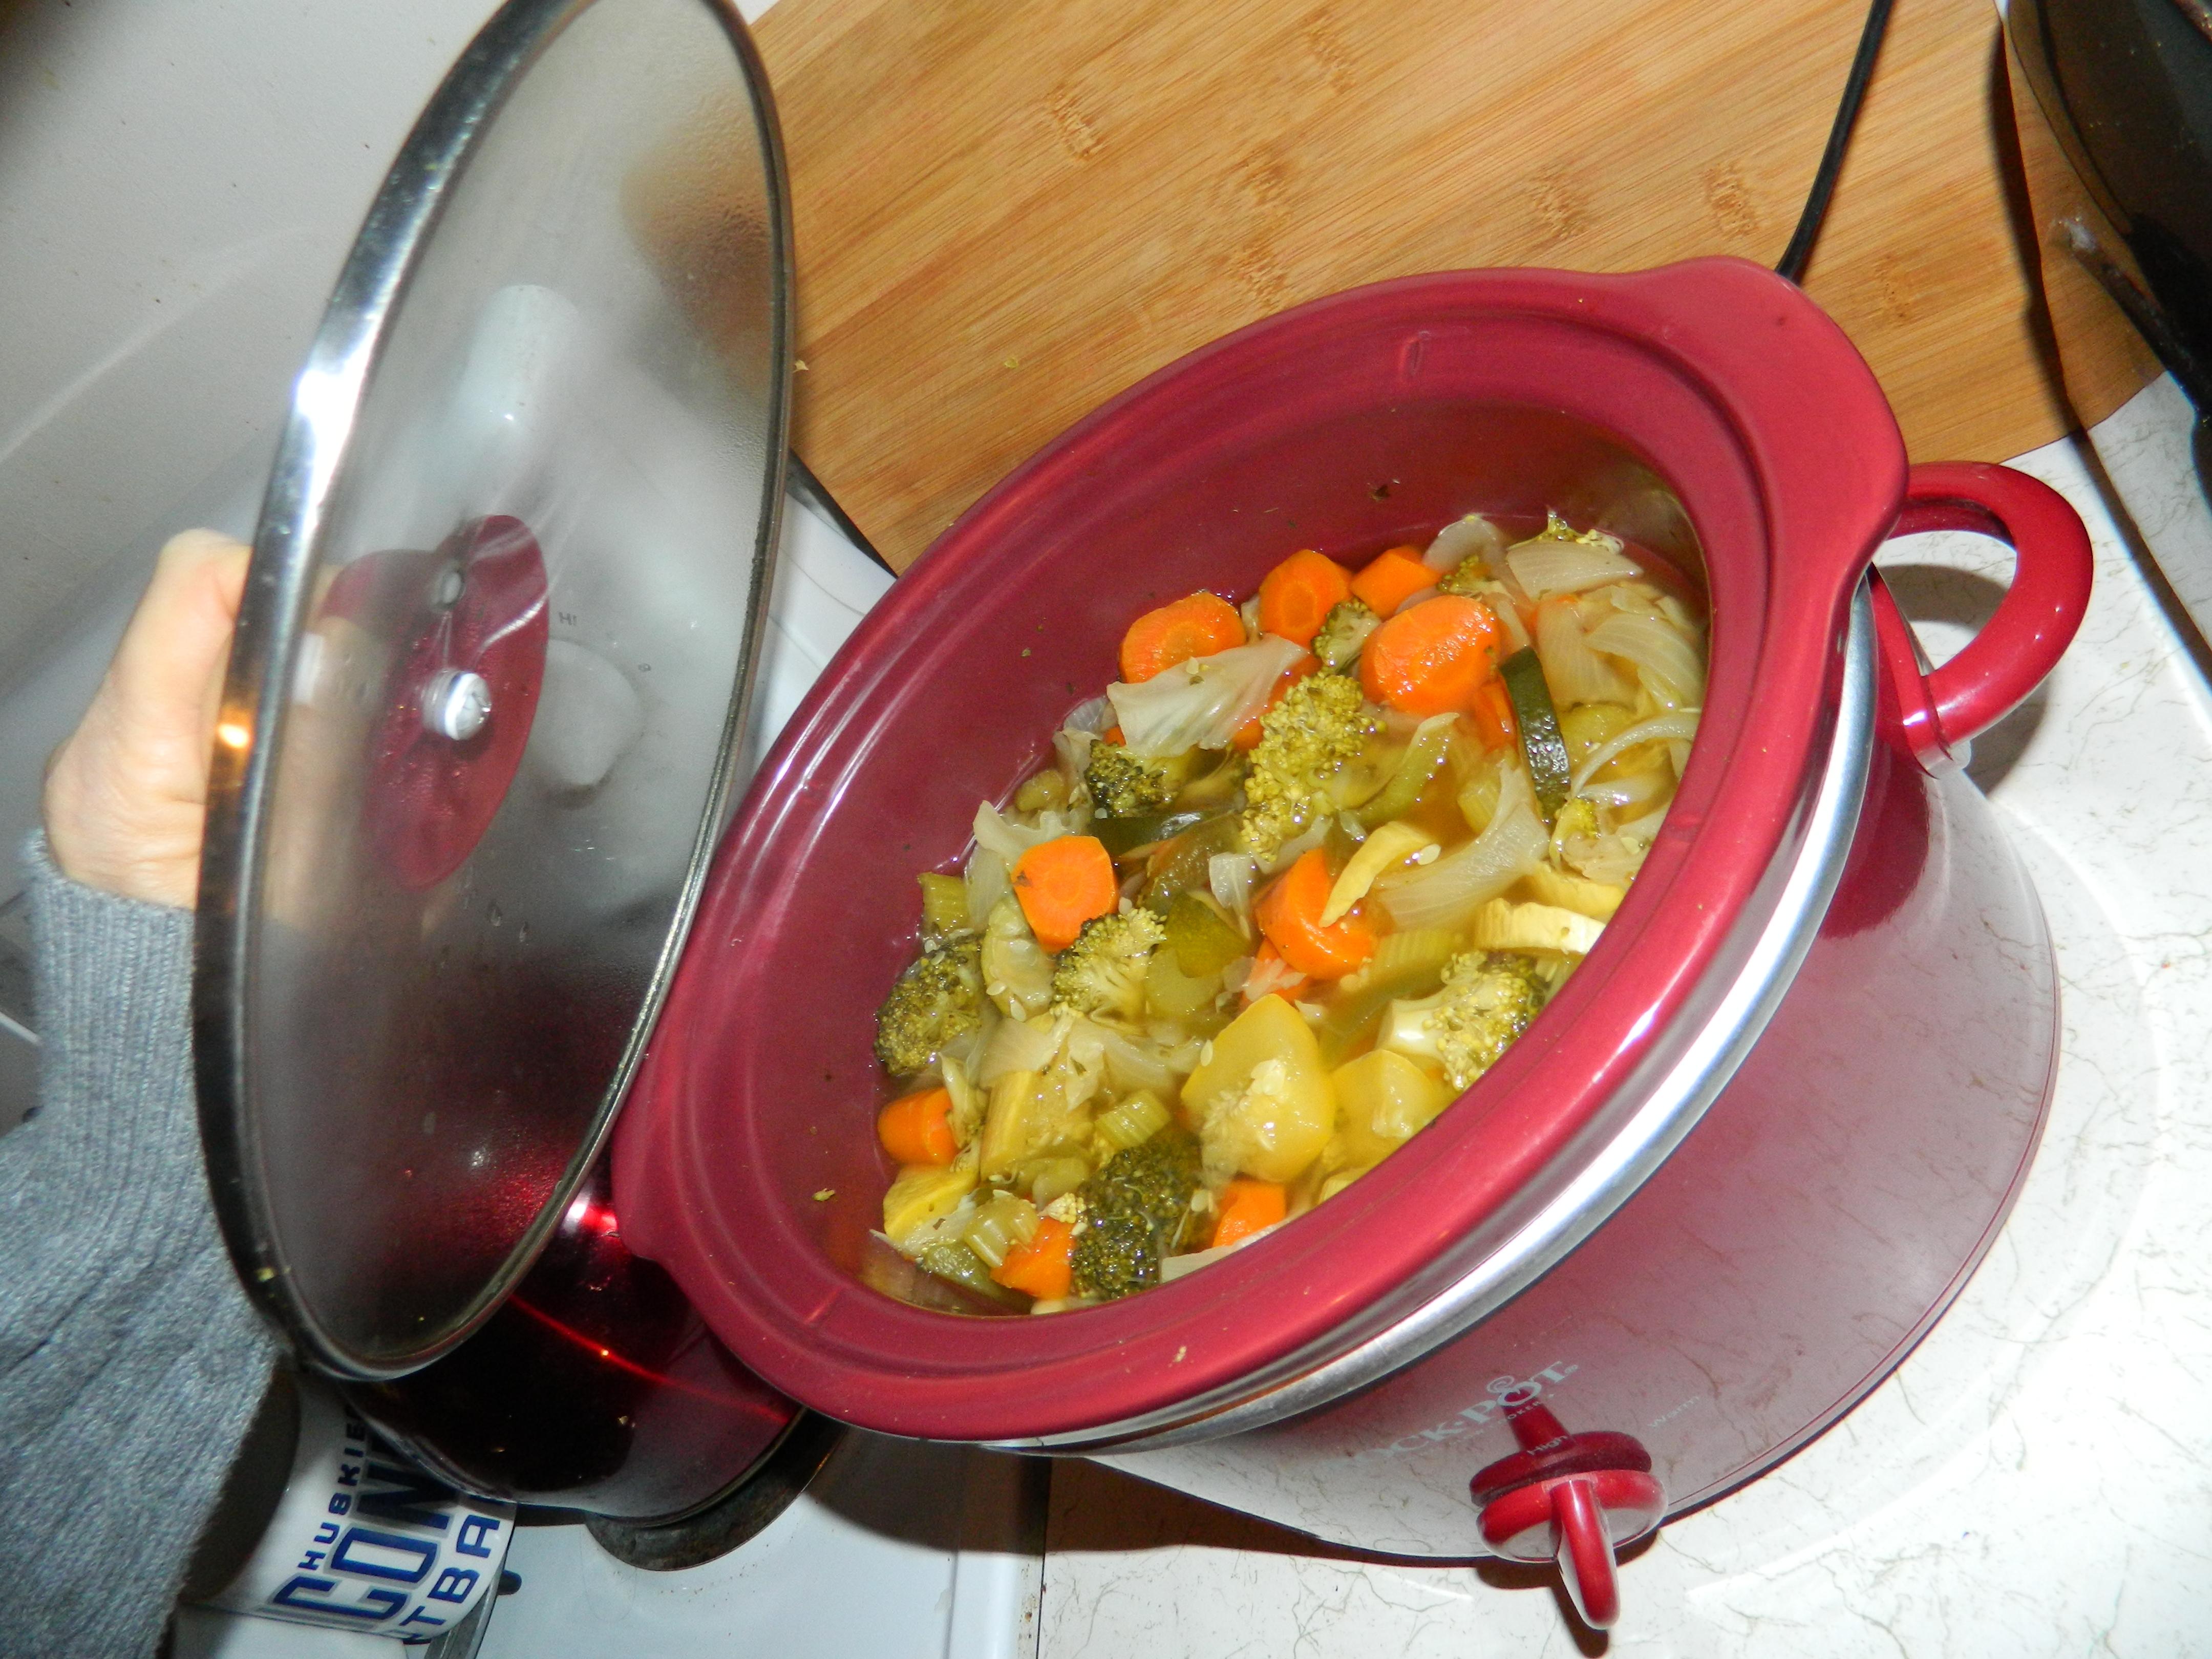 Moms recipe box candys no salt crockpot simmered vegetable soup her daughter candys no salt crockpot simmered fresh vegetable soup has been added forumfinder Choice Image